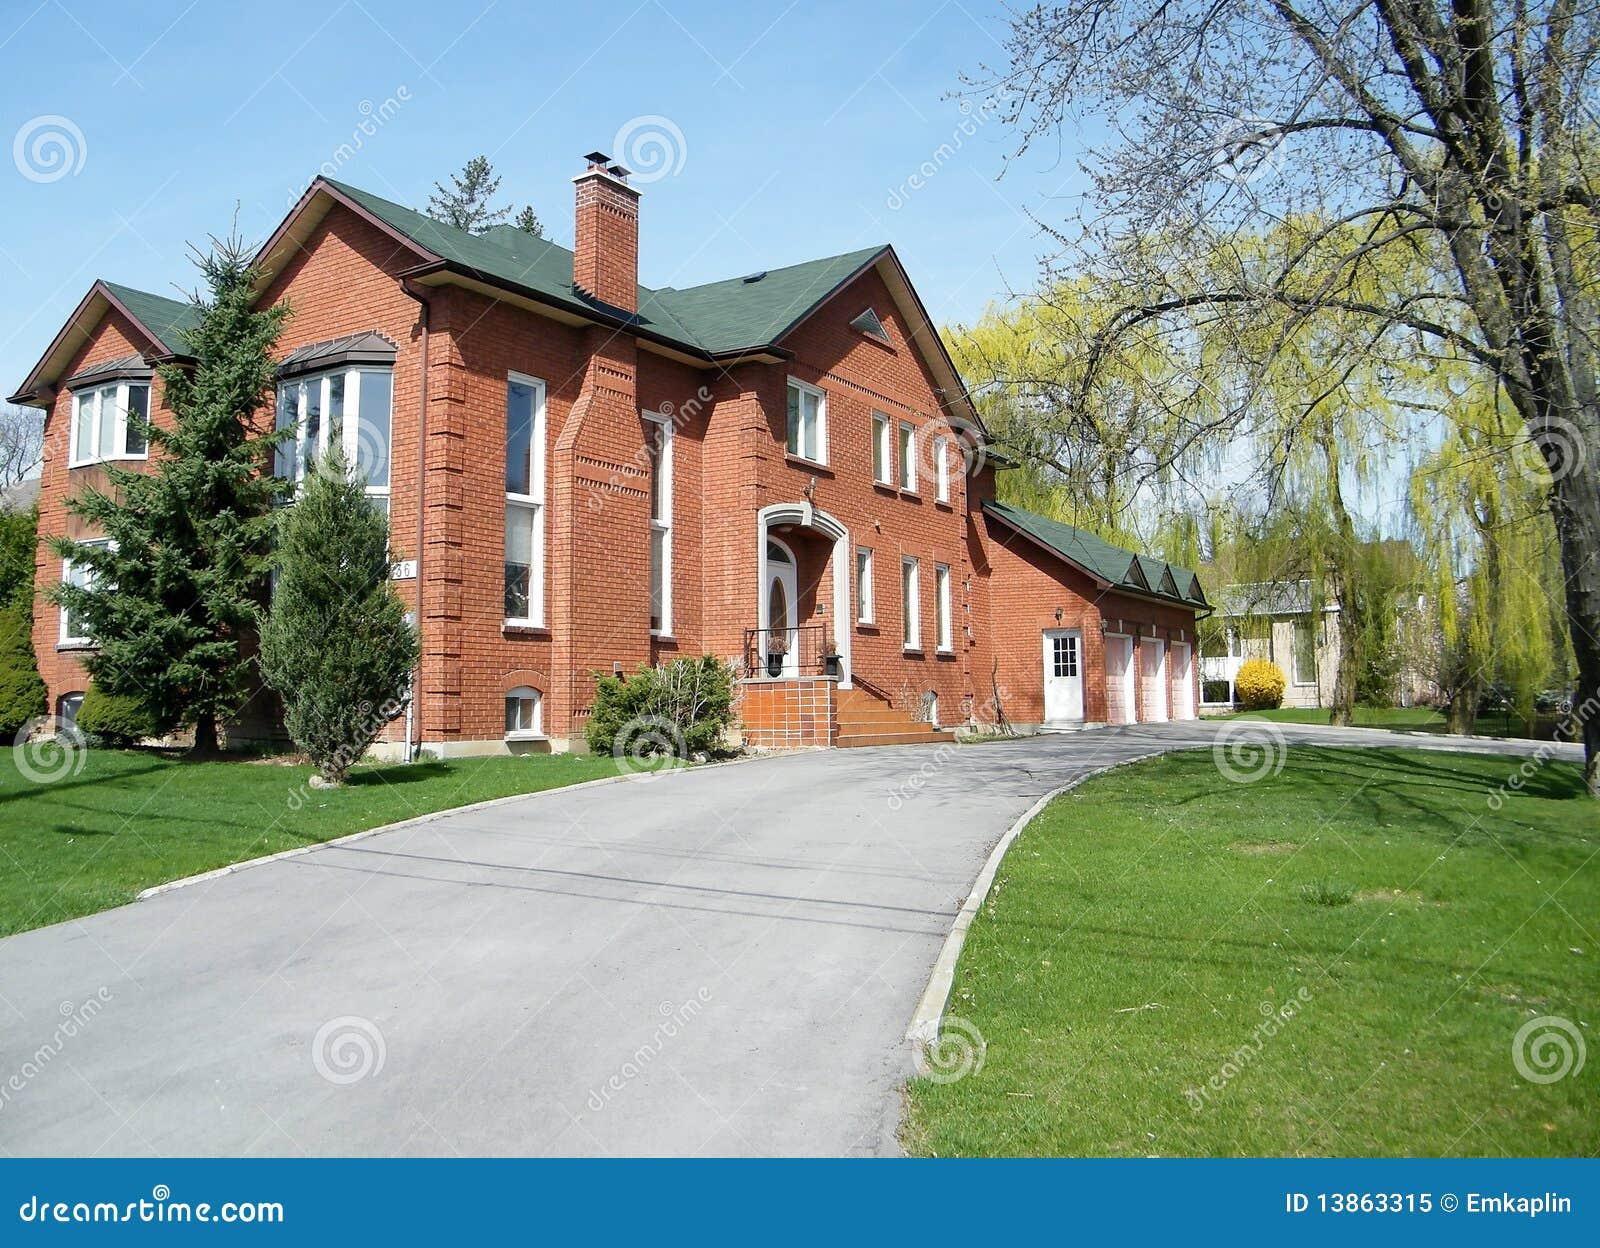 2010 prawdziwy domowy ładny czerwony thornhill